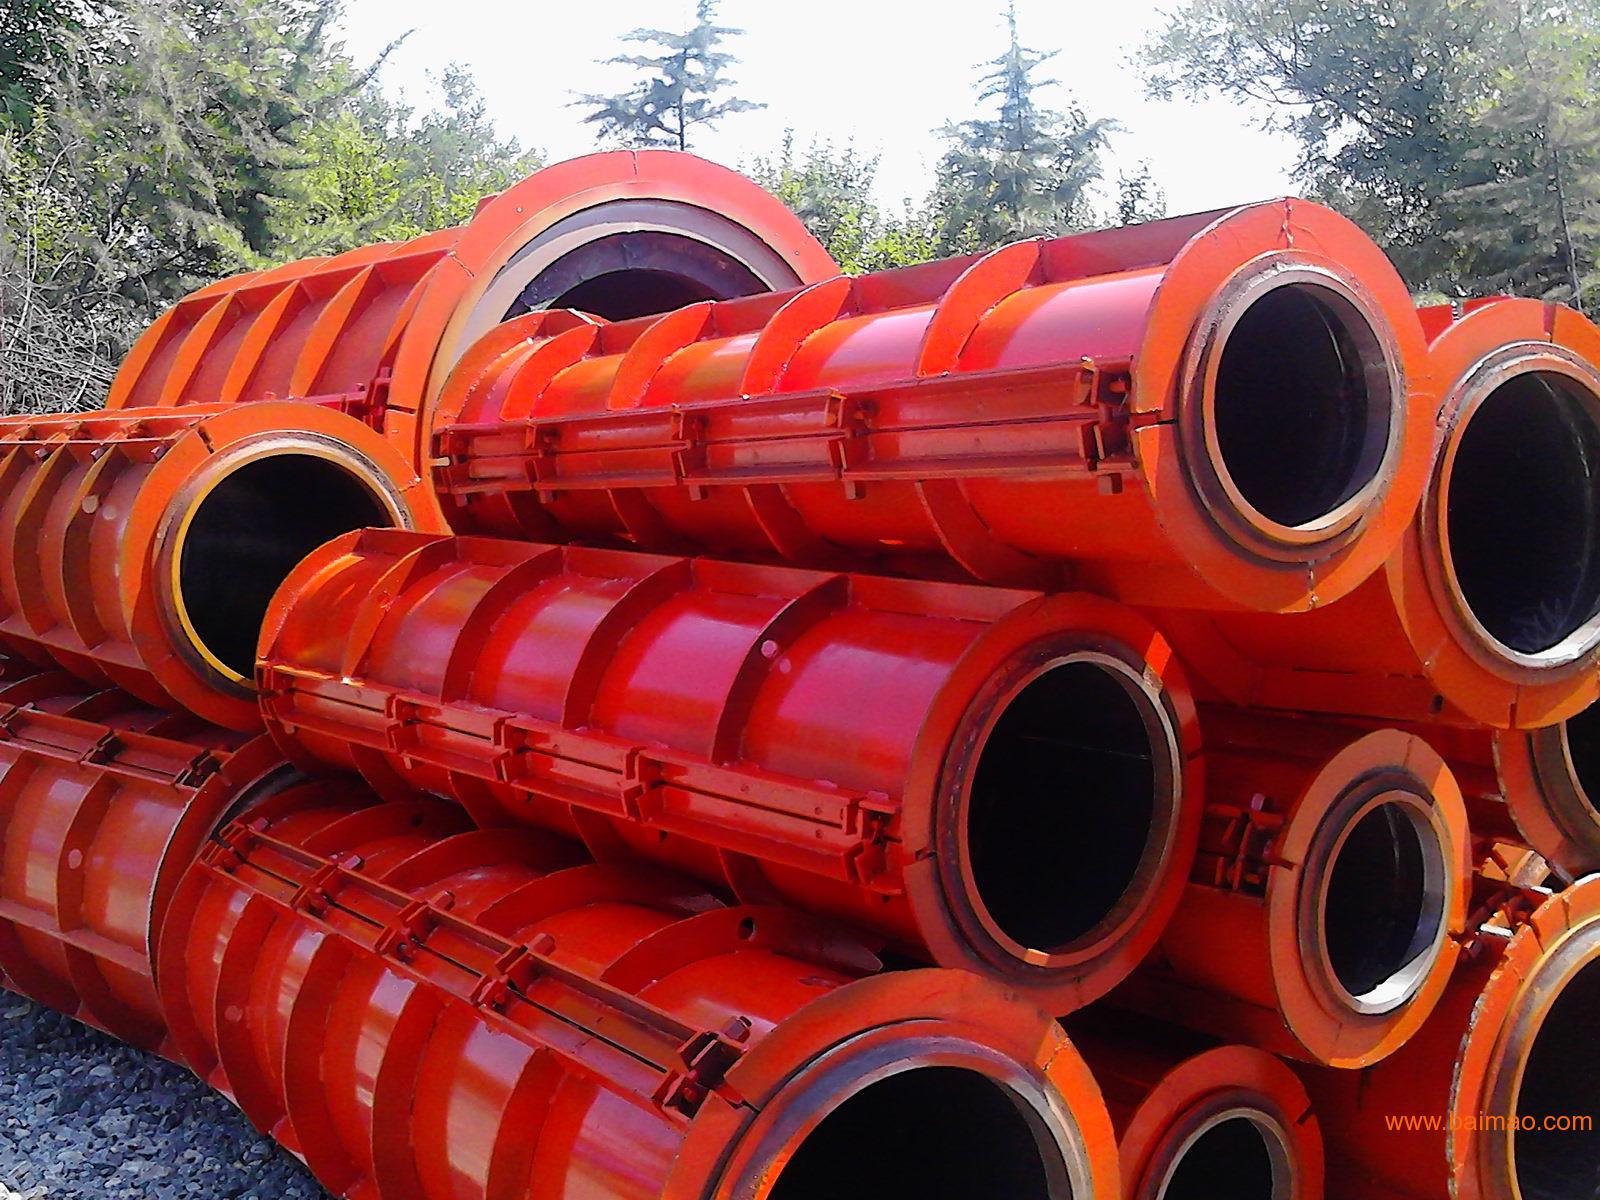 质量优等的制管模具 混凝土悬滚式模具 混凝土立式模具,质量优等的制管模具 混凝土悬滚式模具 混凝土立式模具生产厂家,质量优等的制管模具 混凝土悬滚式模具